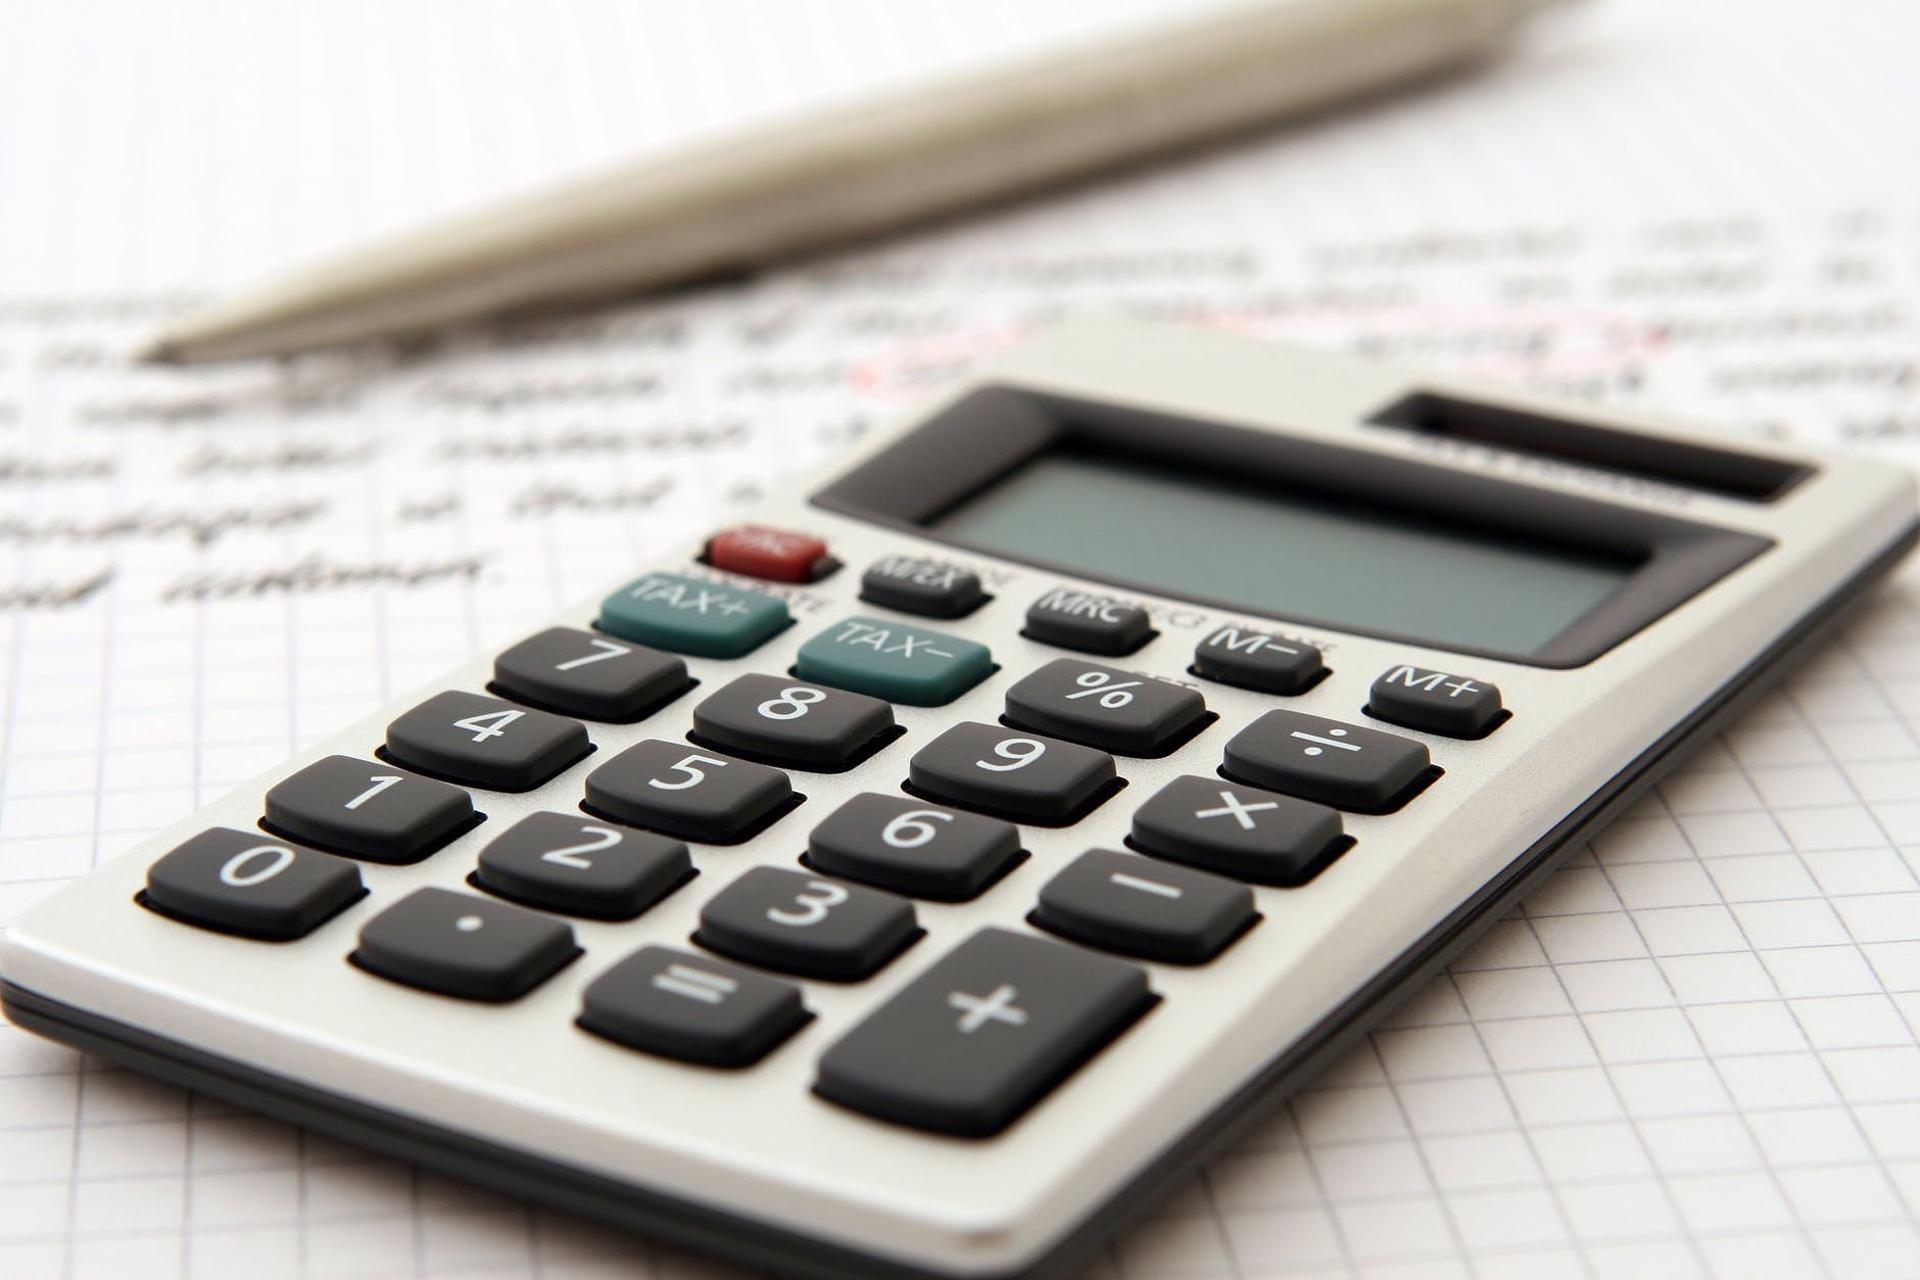 daně elektronicky